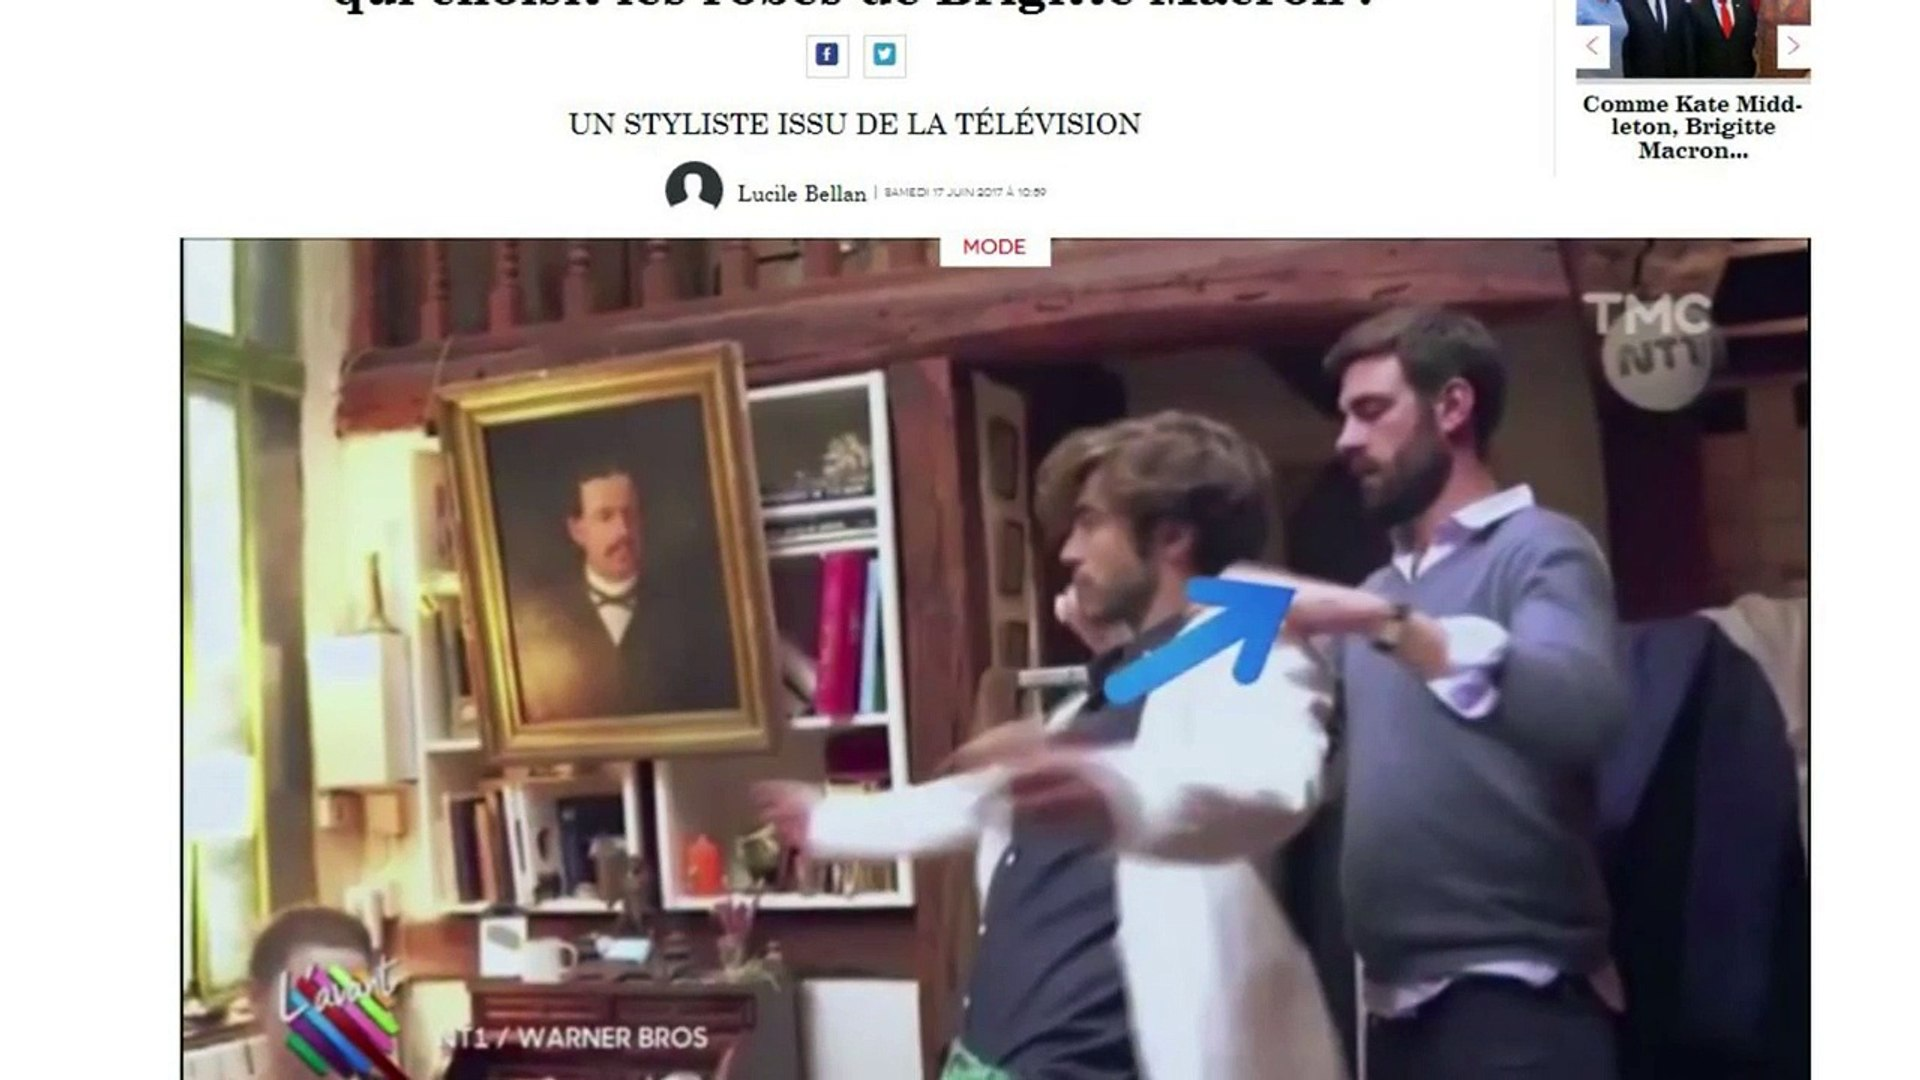 Un nouvel homme entre dans la vie de Brigitte Macron